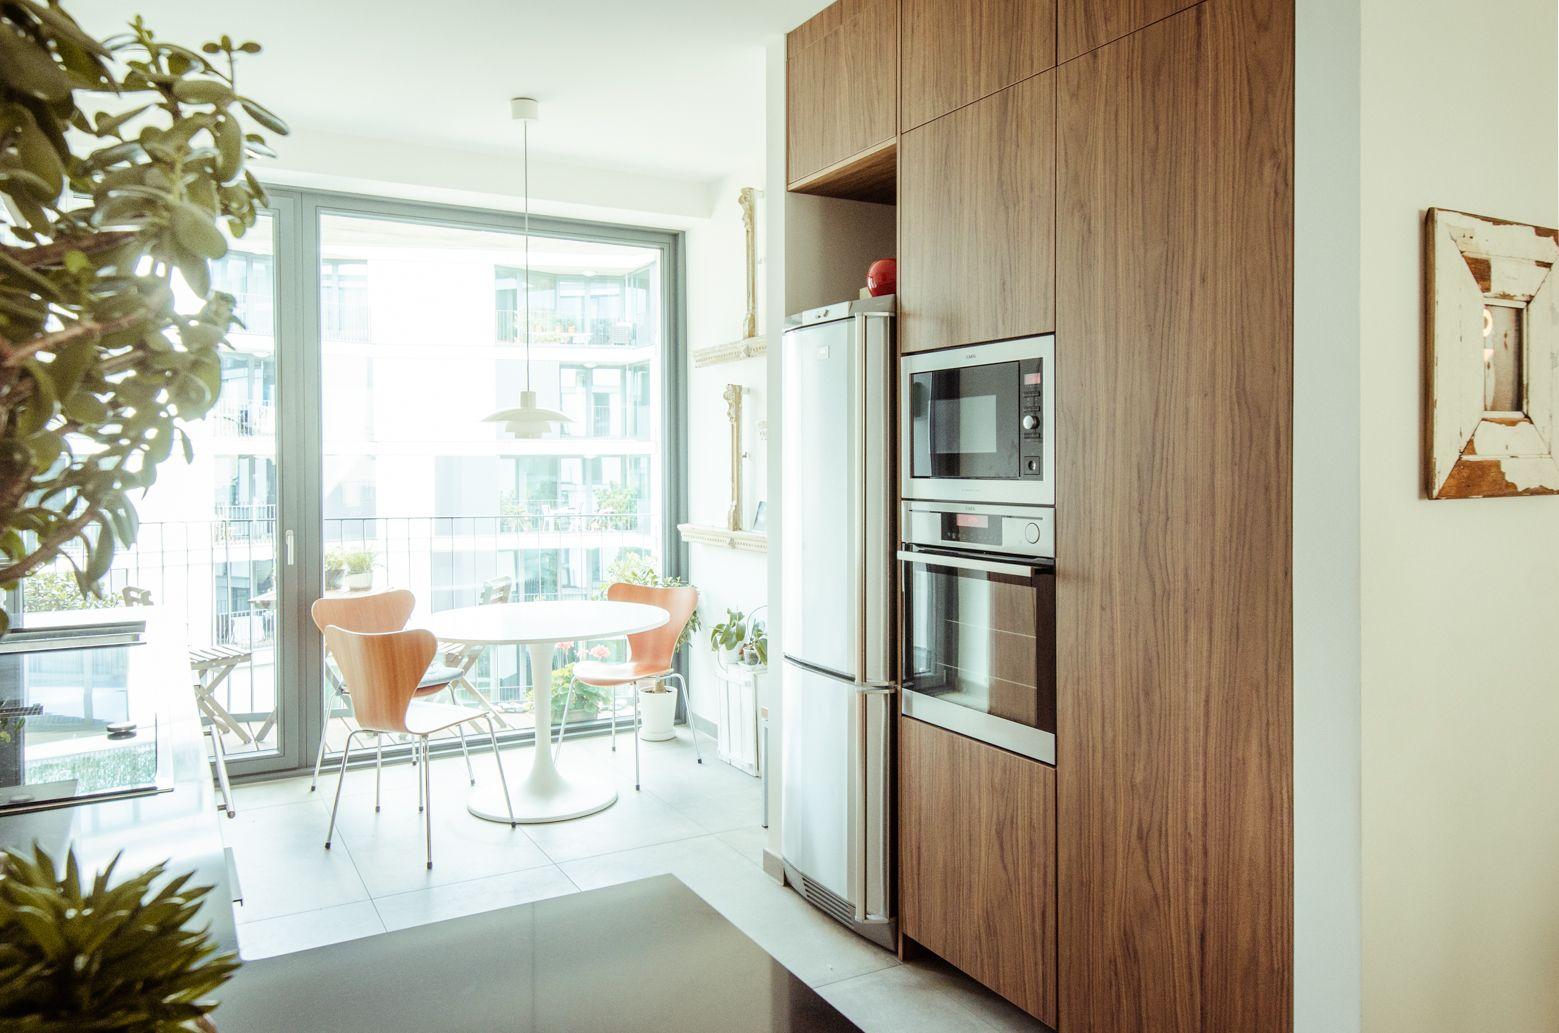 Küchenfront 24 — Konfigurieren Sie die Fronten ihrer